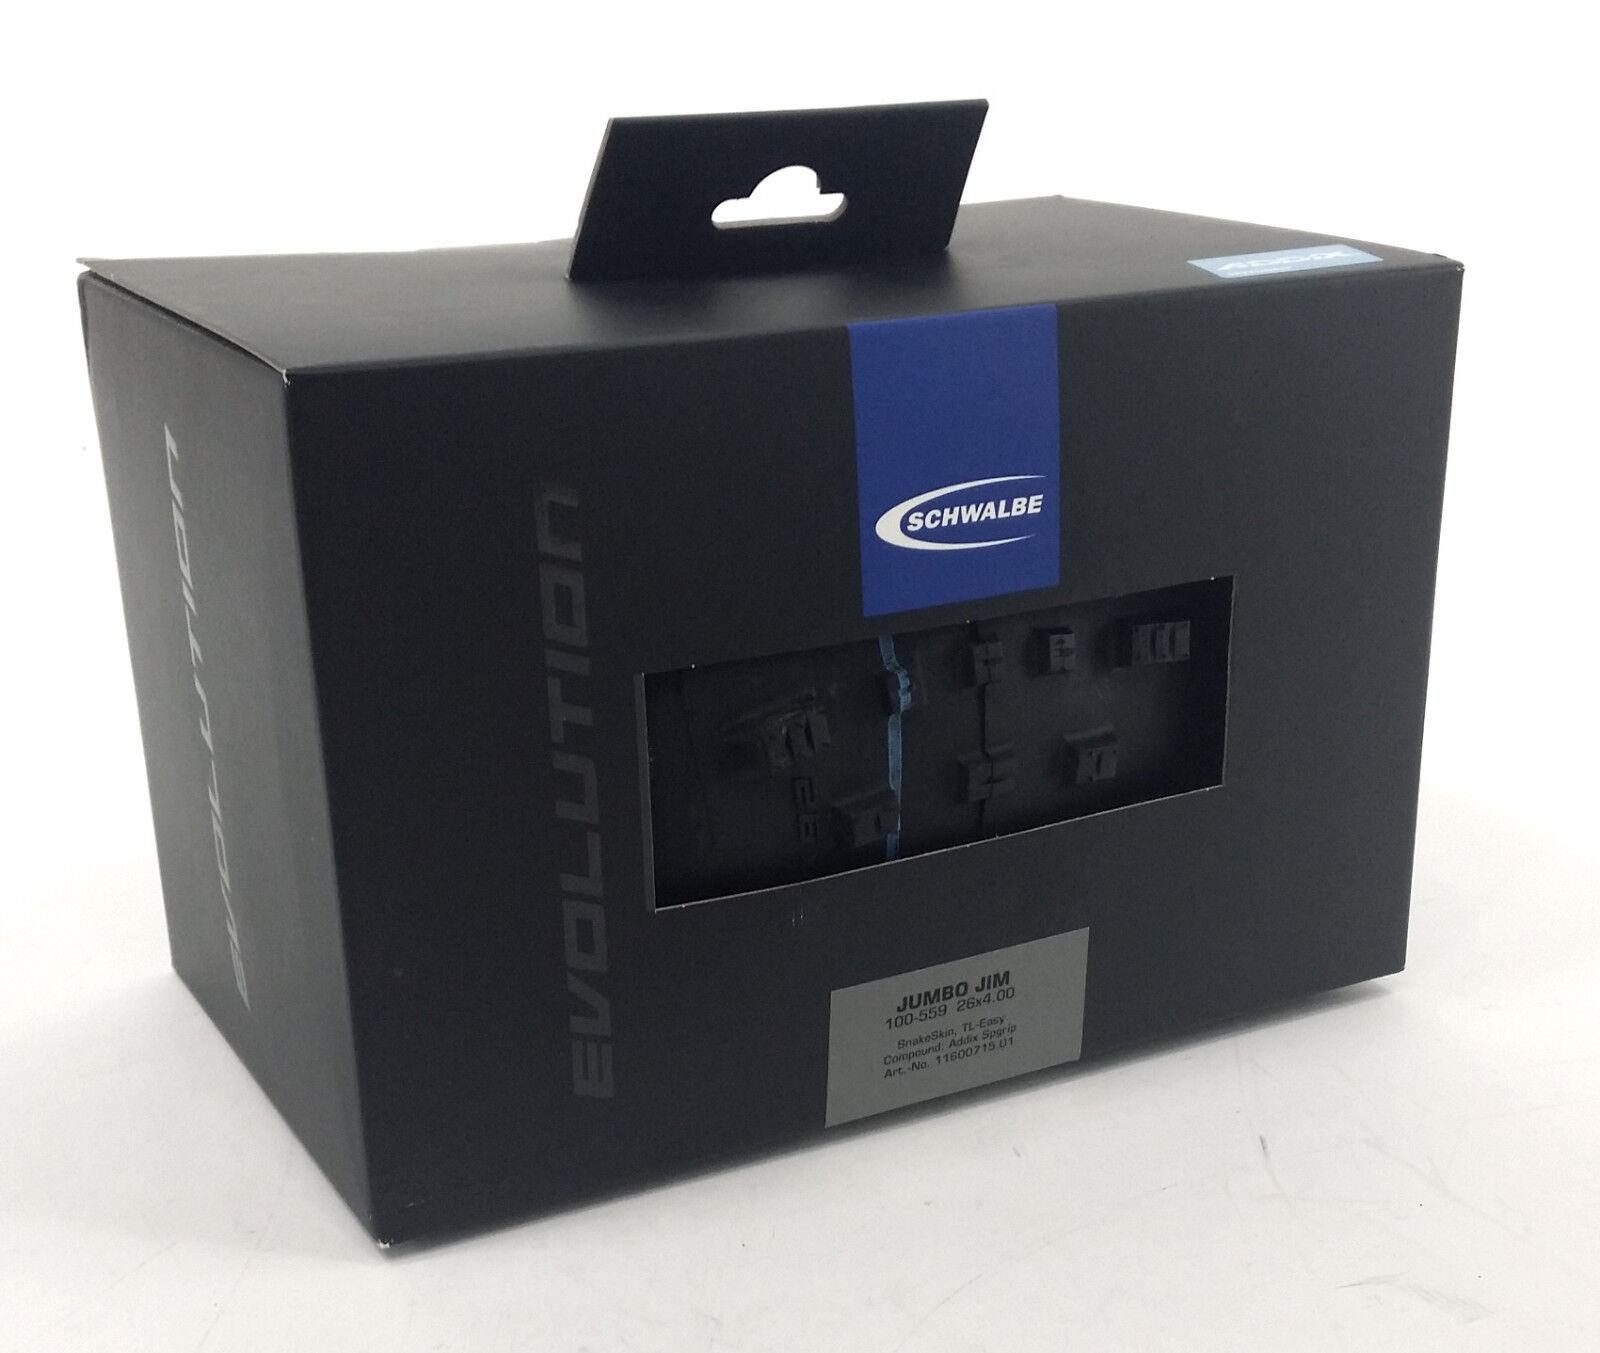 Schwalbe Jumbo Jim Piel De Serpiente Evo 26  X 4.0  neumático con Addix Speedgrip compuesto